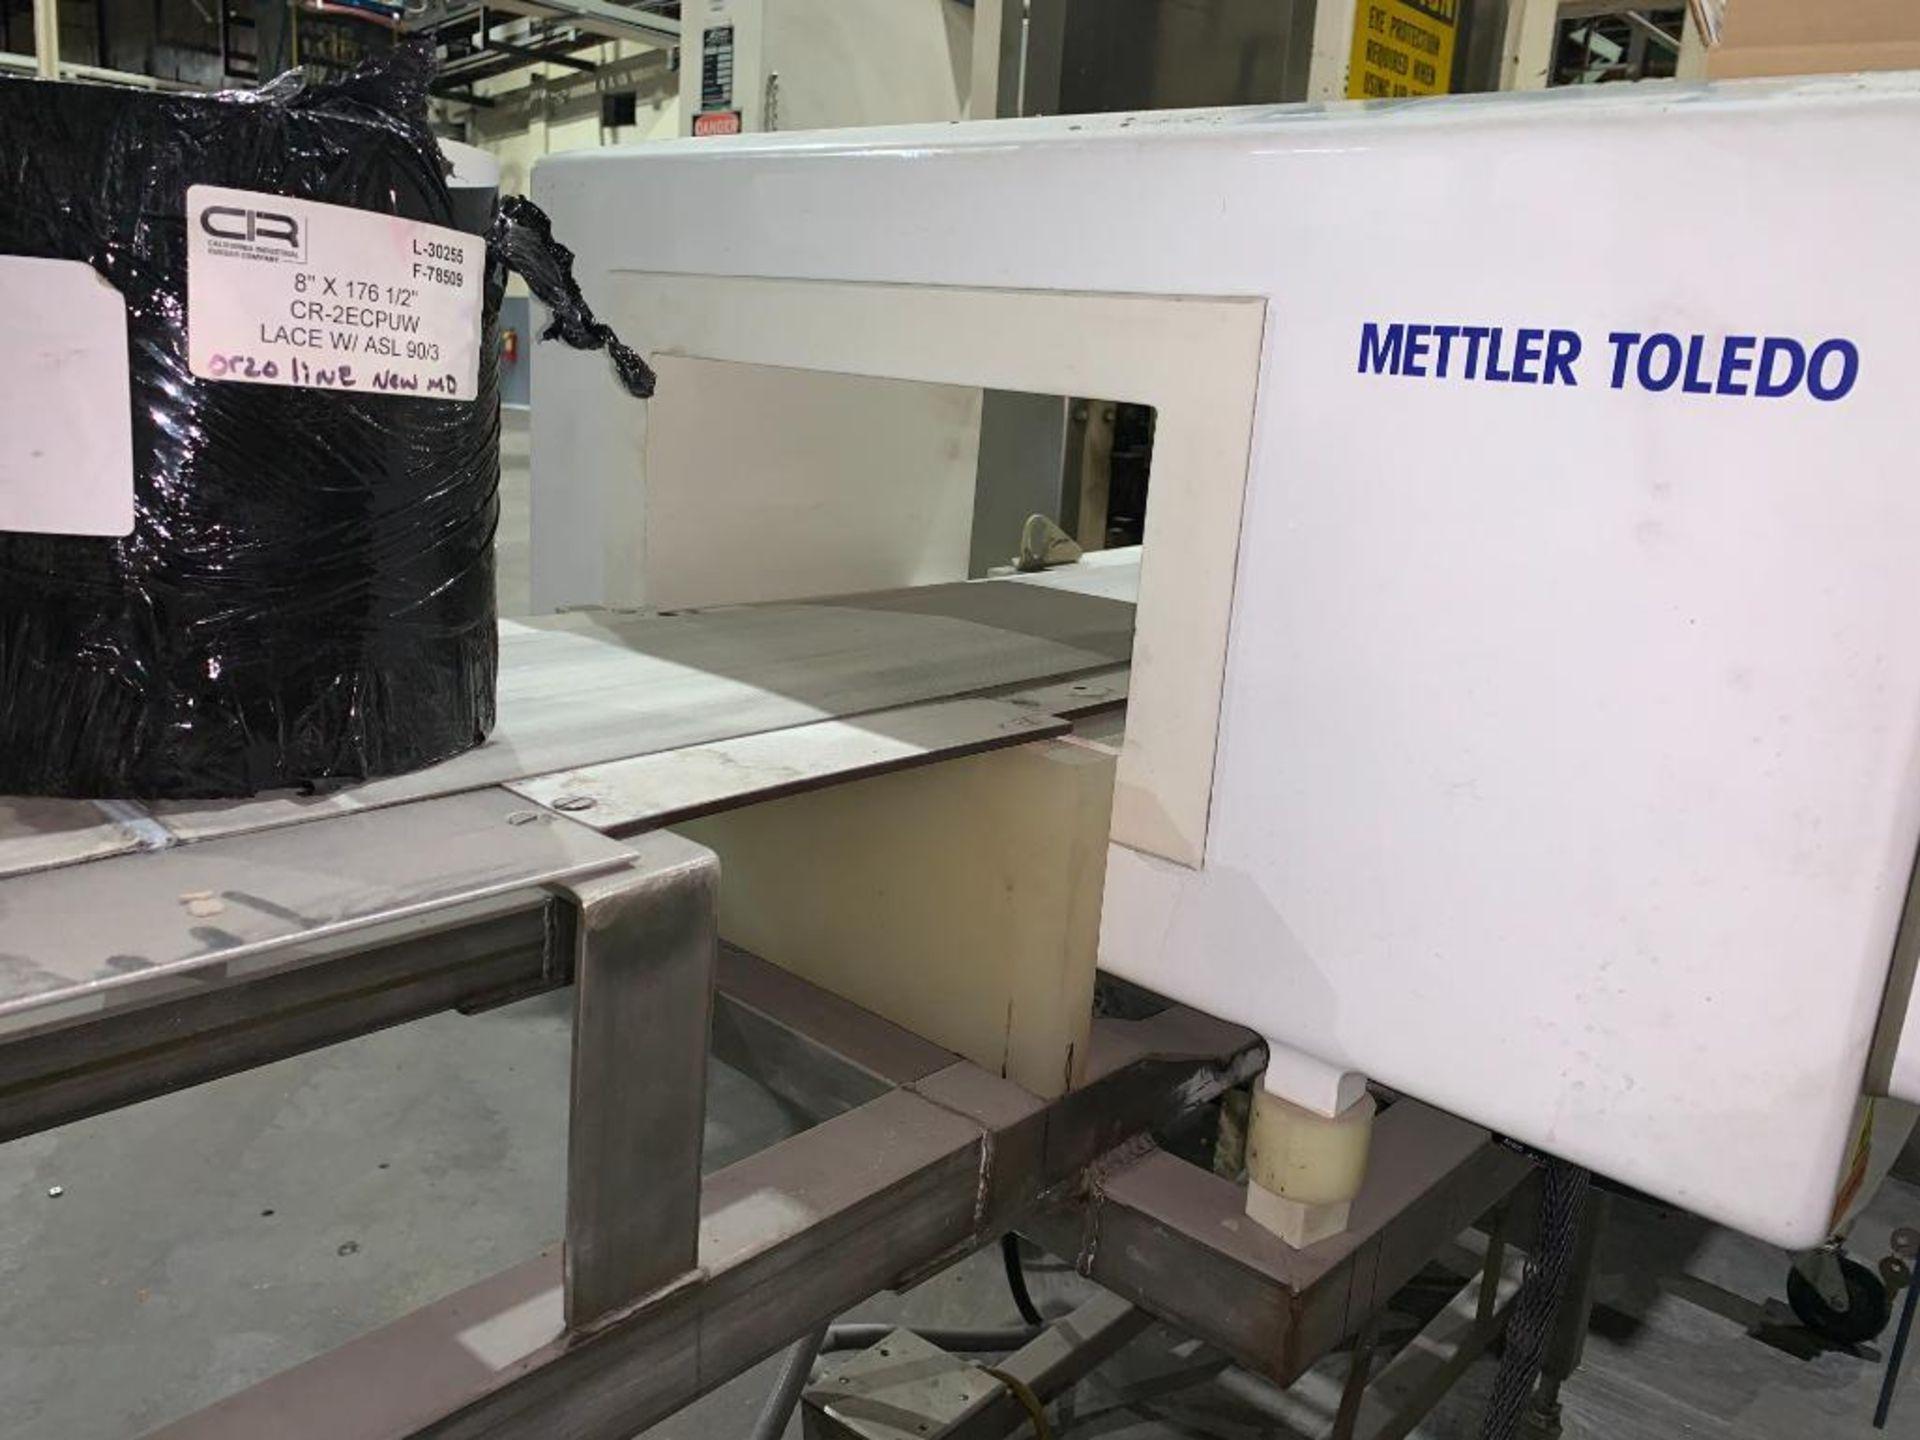 Mettler Toledo metal detector - Image 13 of 24